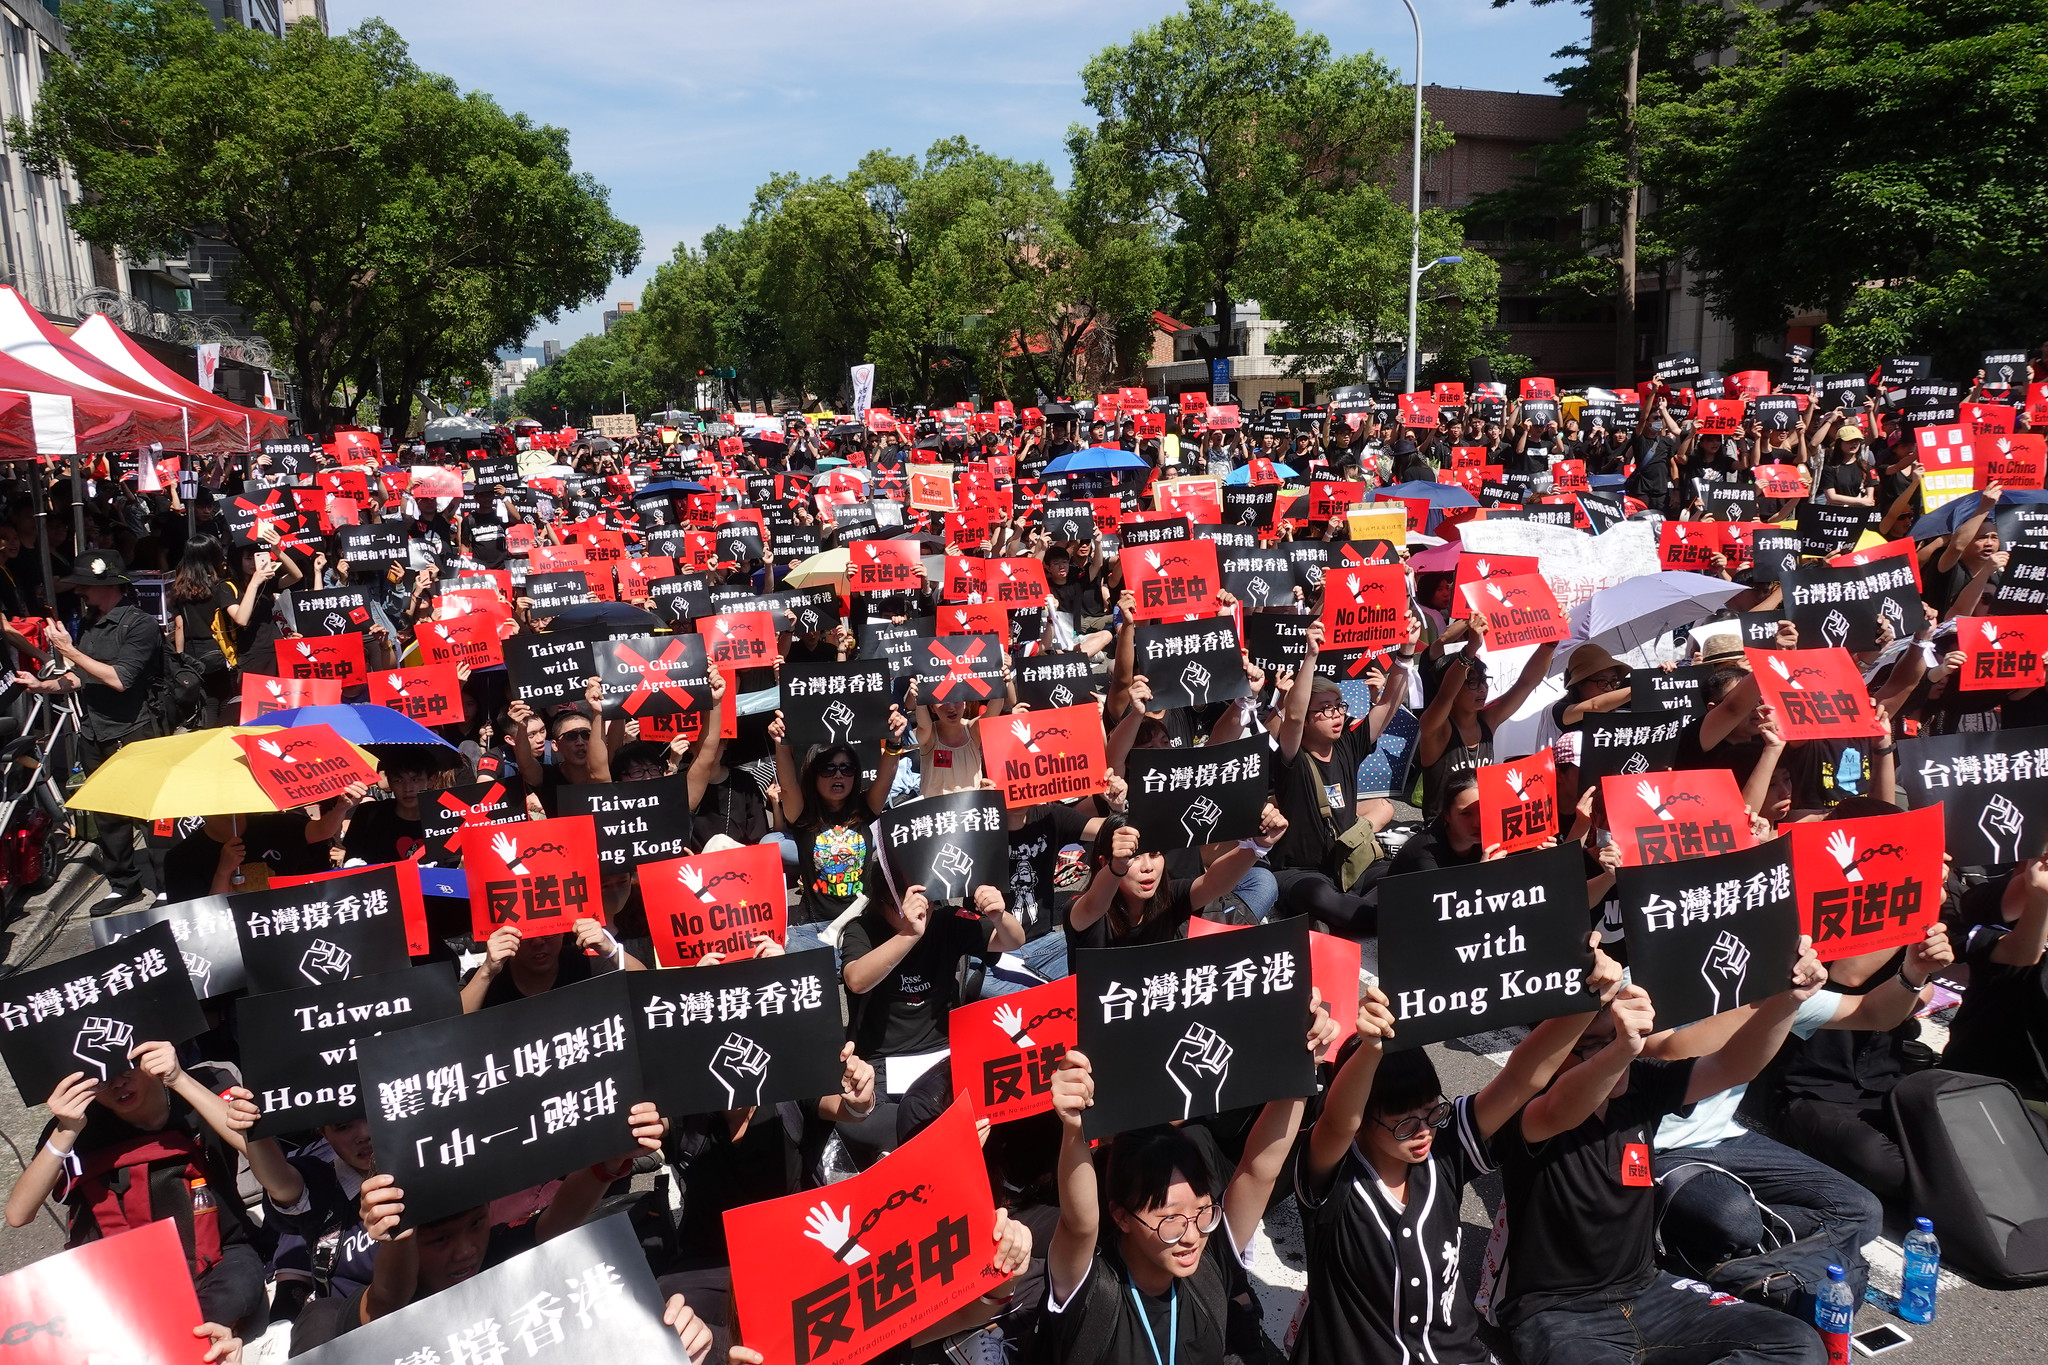 台灣民團發起「撐香港,反送中」集會,萬人到場力挺。(攝影:張智琦)